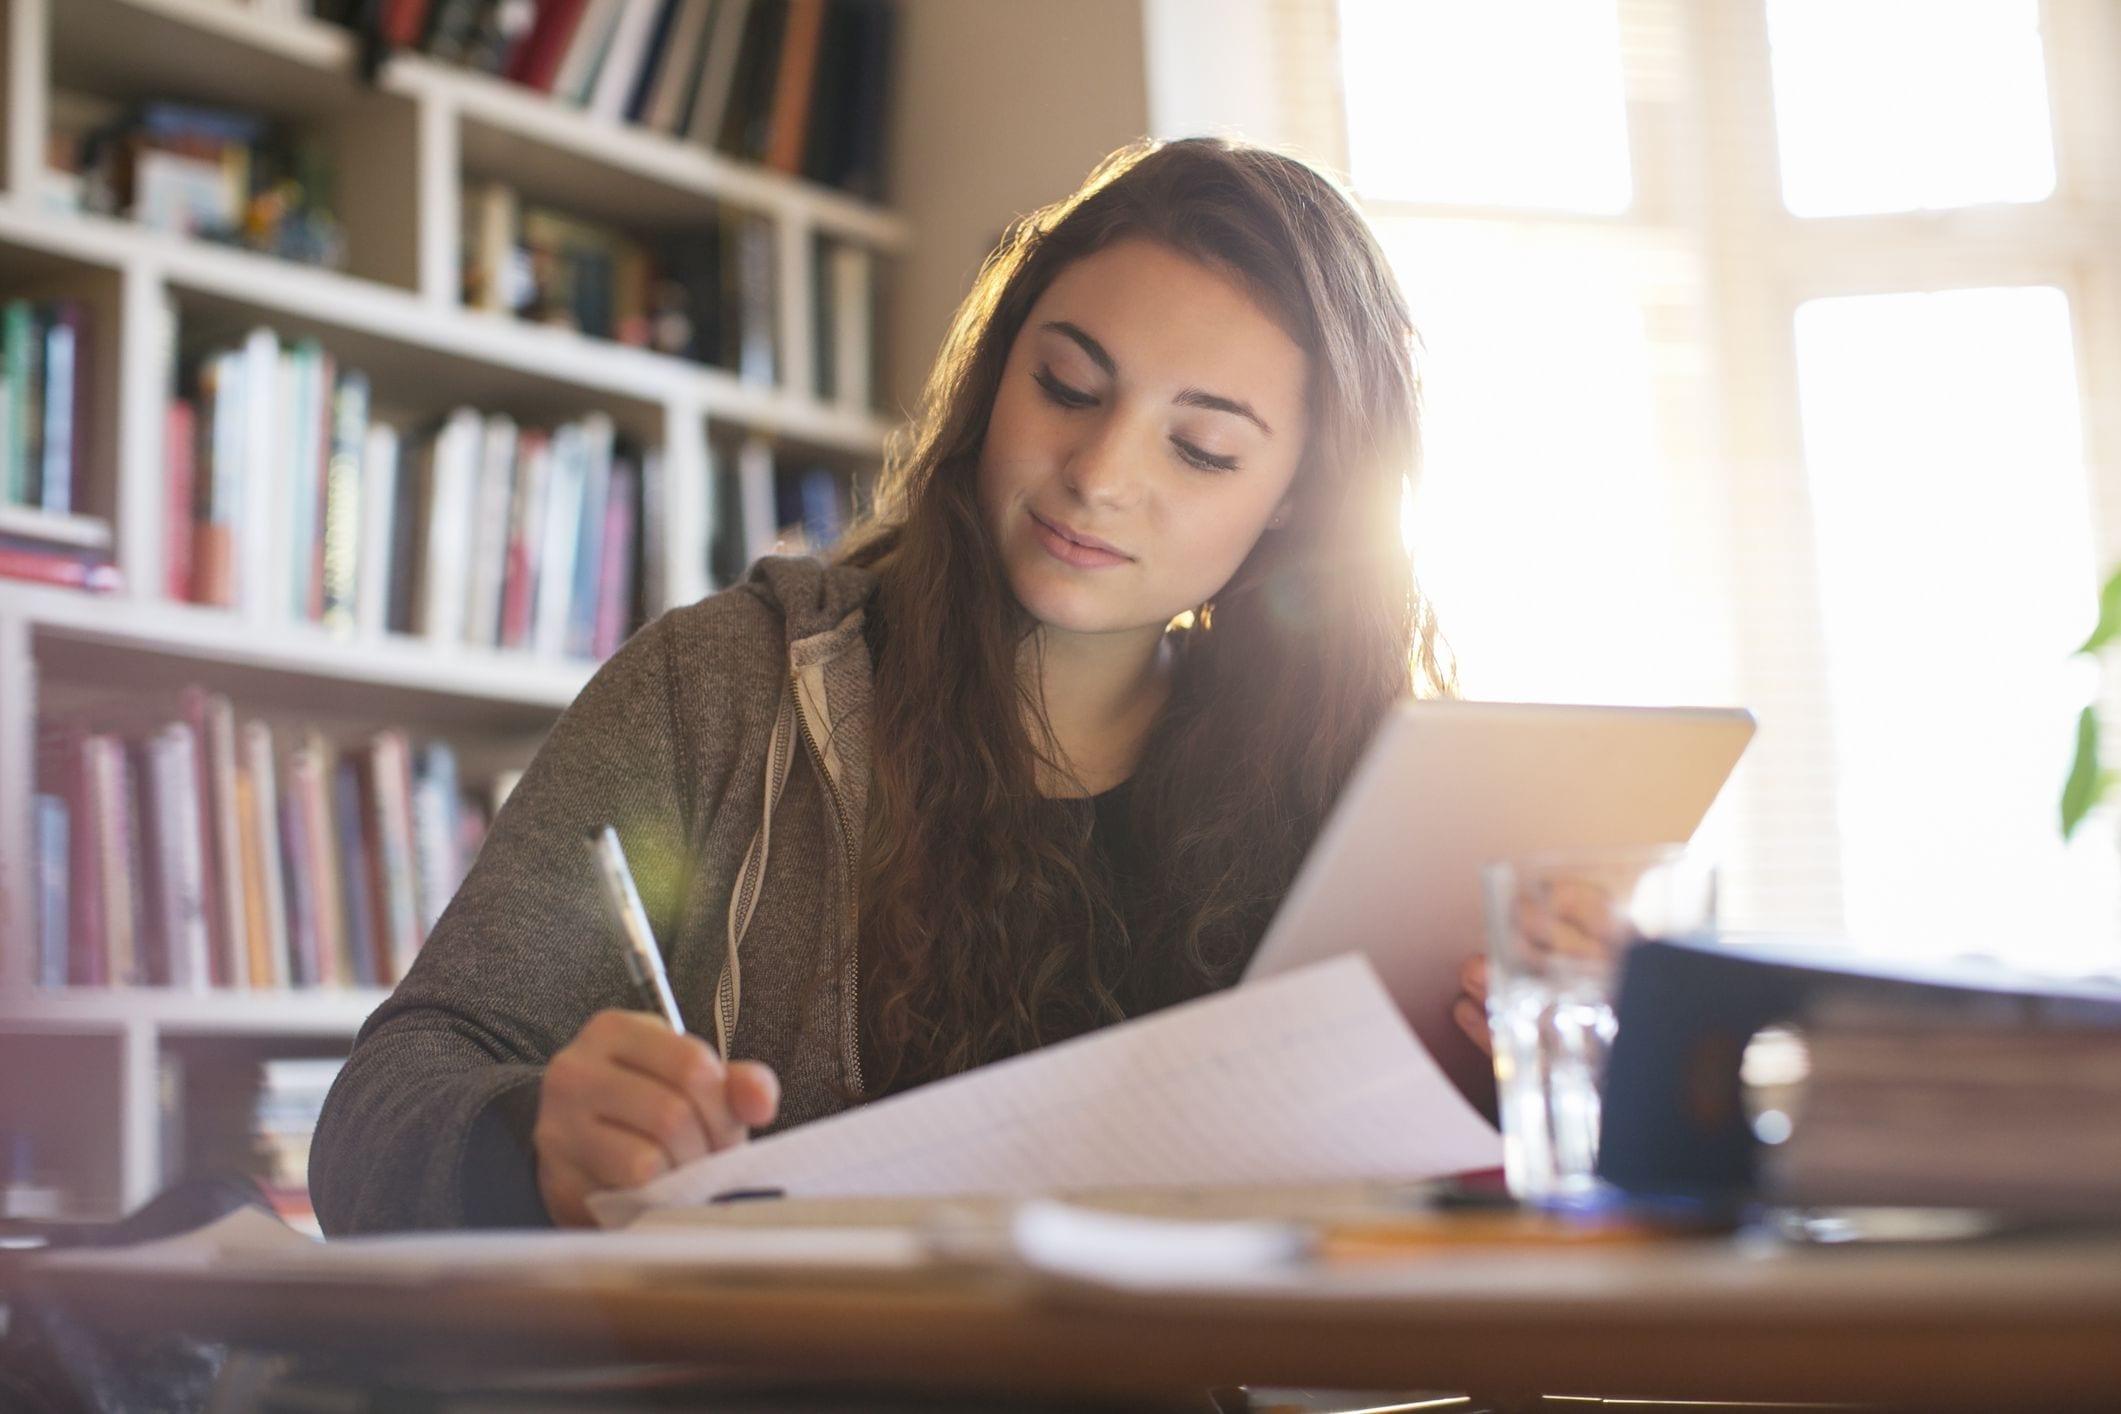 Daha etkili öğrenci olmak için bir başka harika yol da, zaten bildiğiniz şeylerle yeni bilgiler ilişkilendirmeyi içeren ilişkisel öğrenmeyi kullanmaktır.